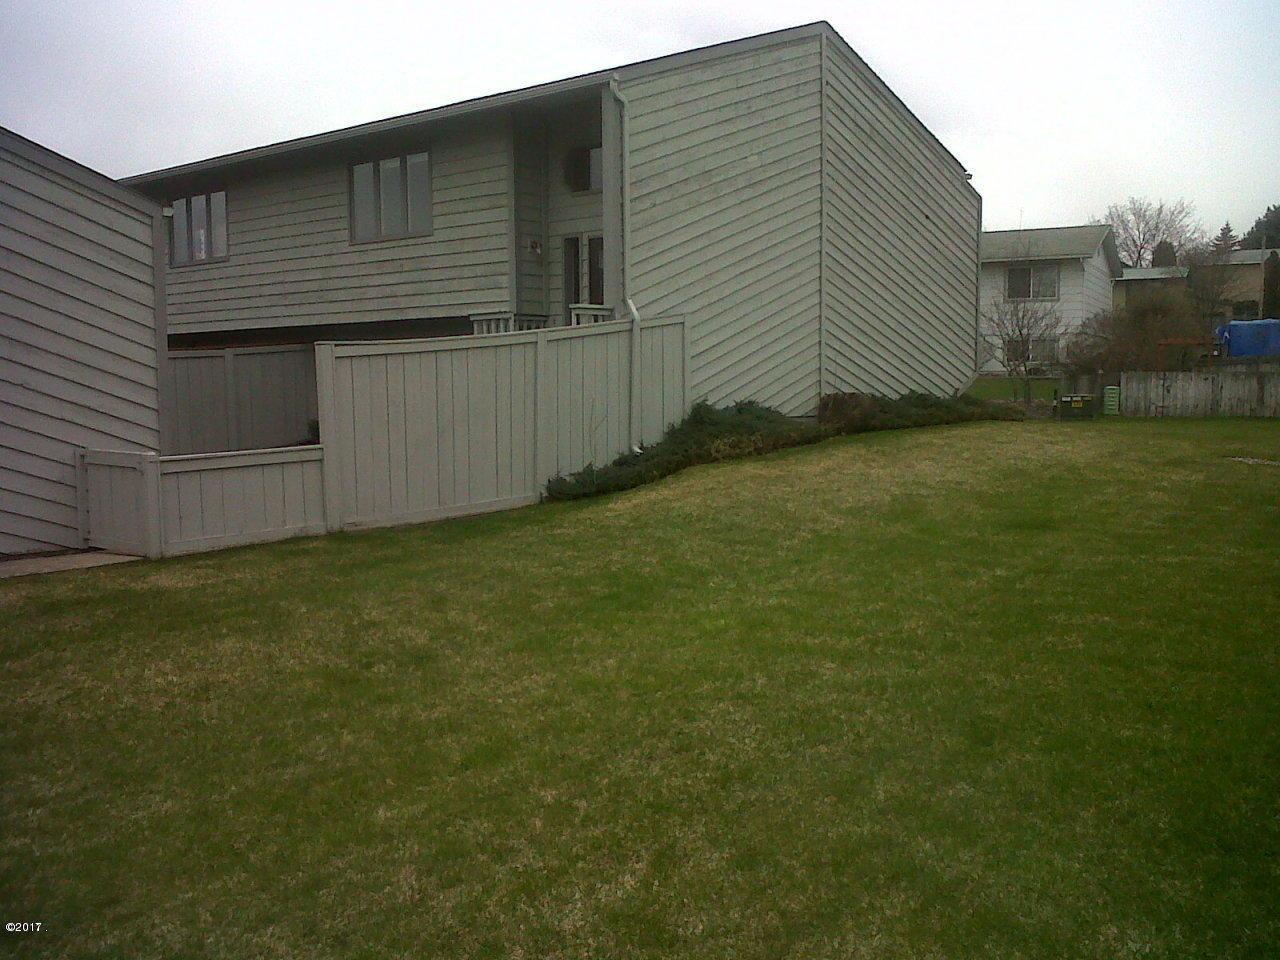 358 Ponderosa Street, Kalispell, MT 59901